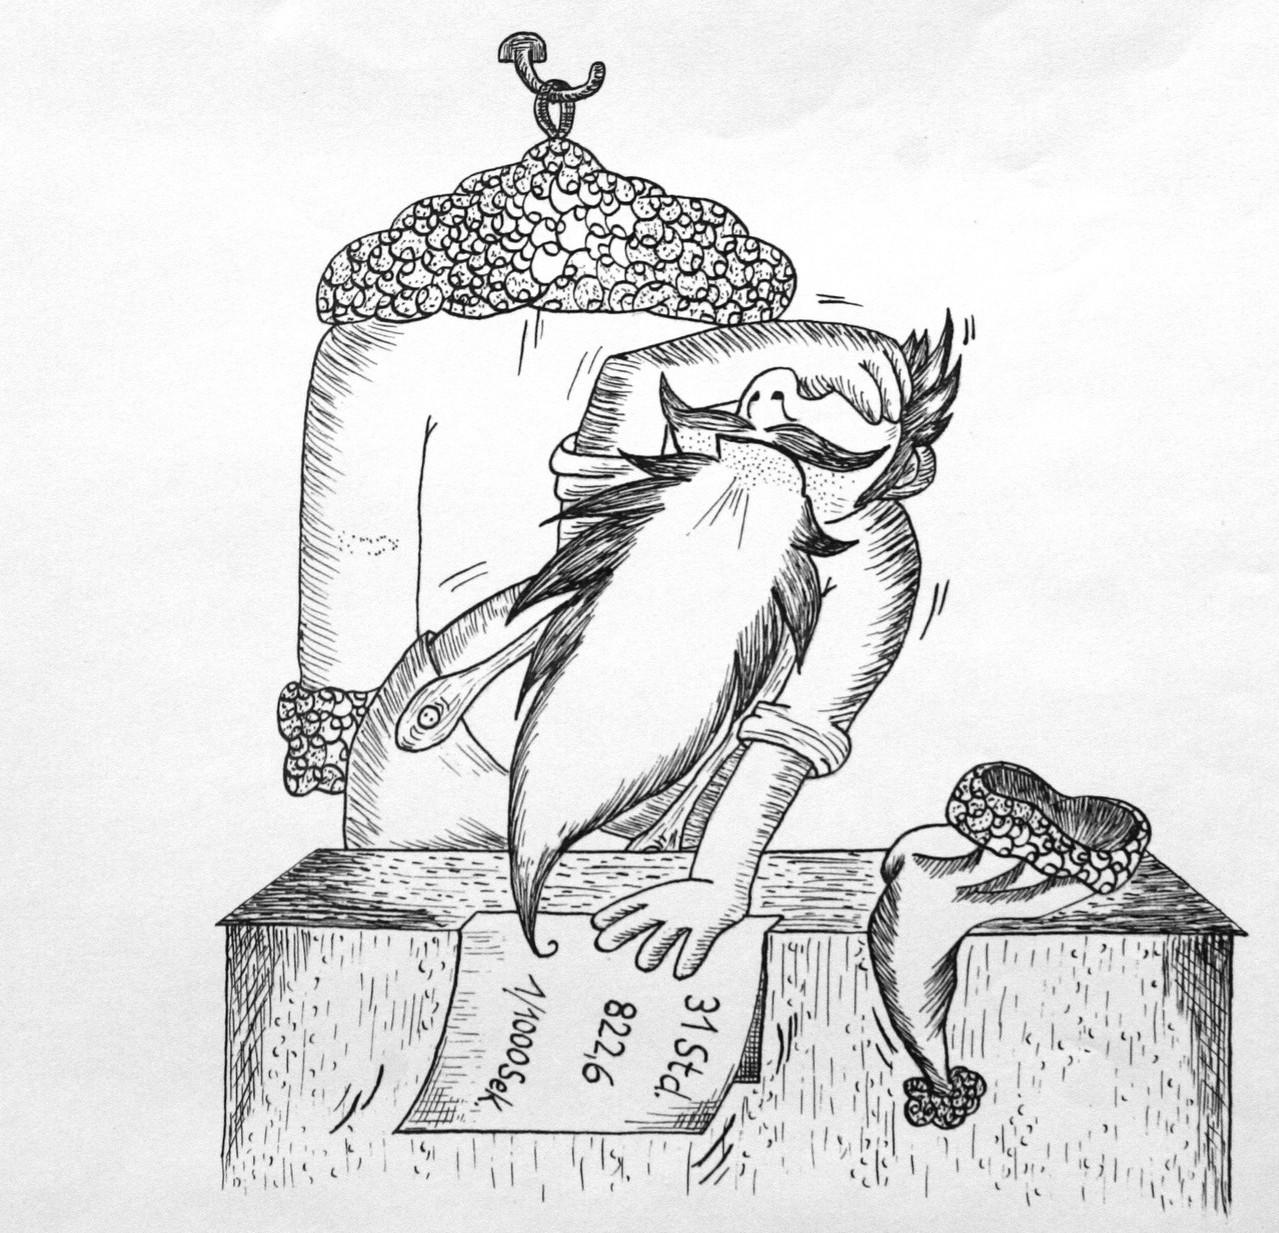 Scriptol - Illustration über den Weichnachtsmann